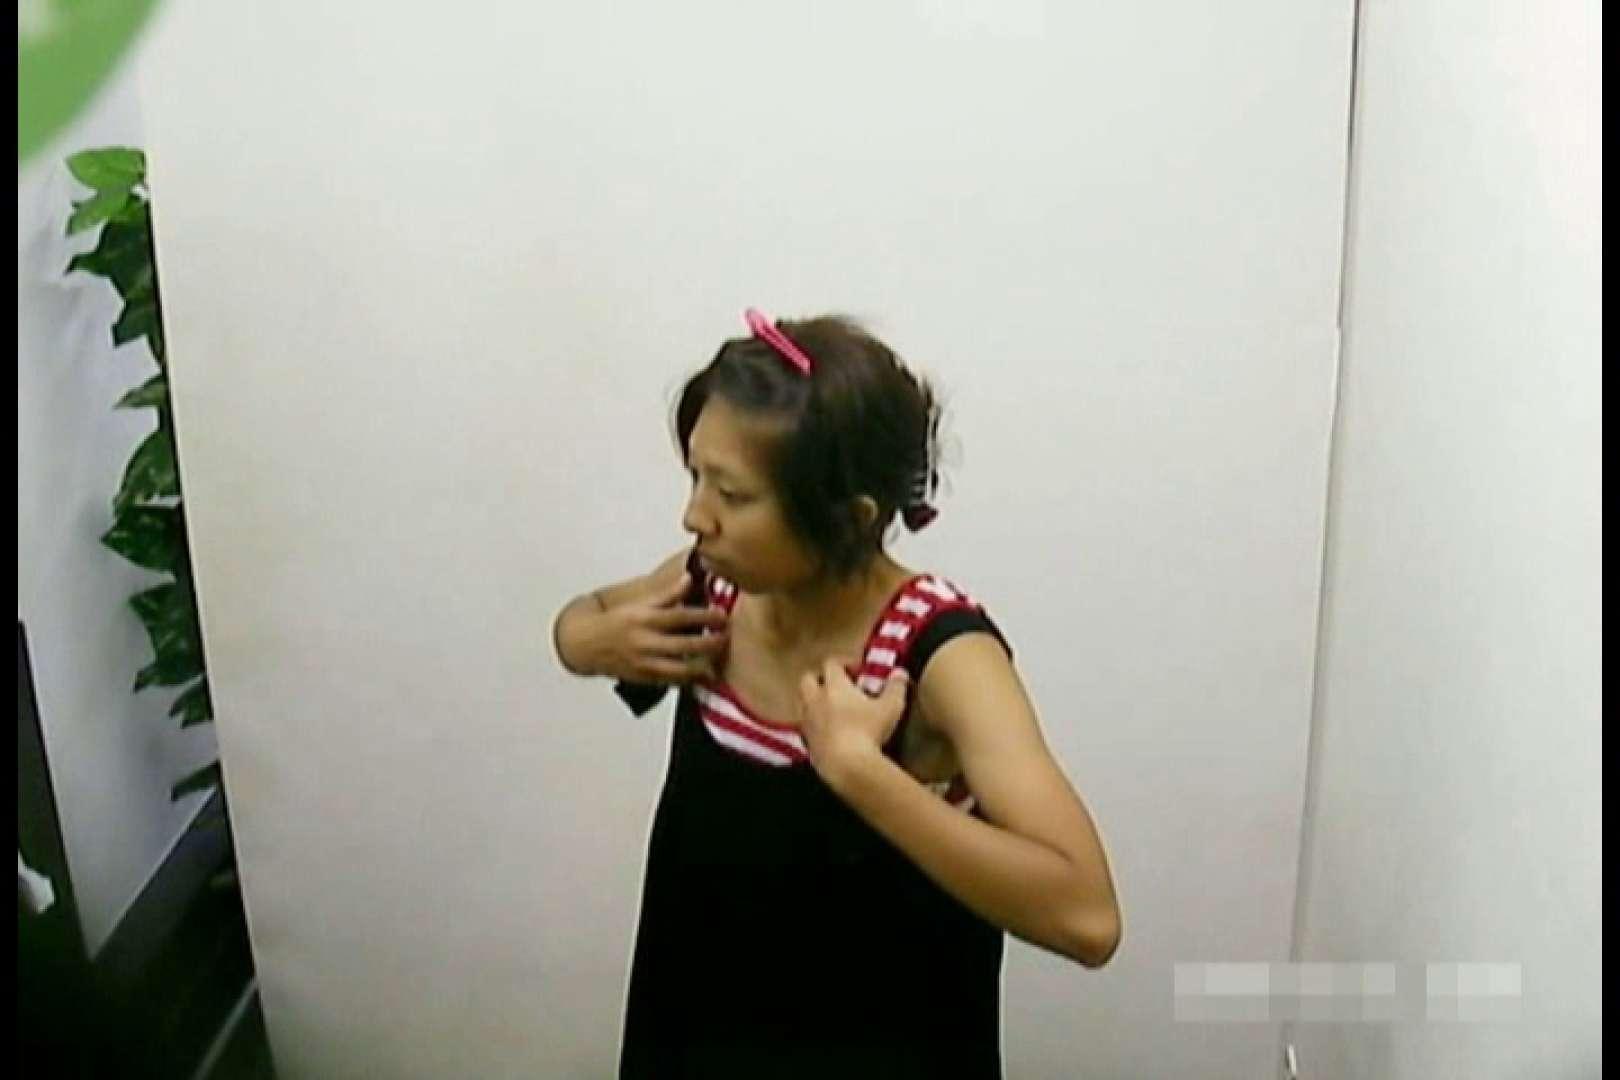 素人撮影 下着だけの撮影のはずが・・・エミちゃん18歳 オマンコ セックス画像 103画像 7